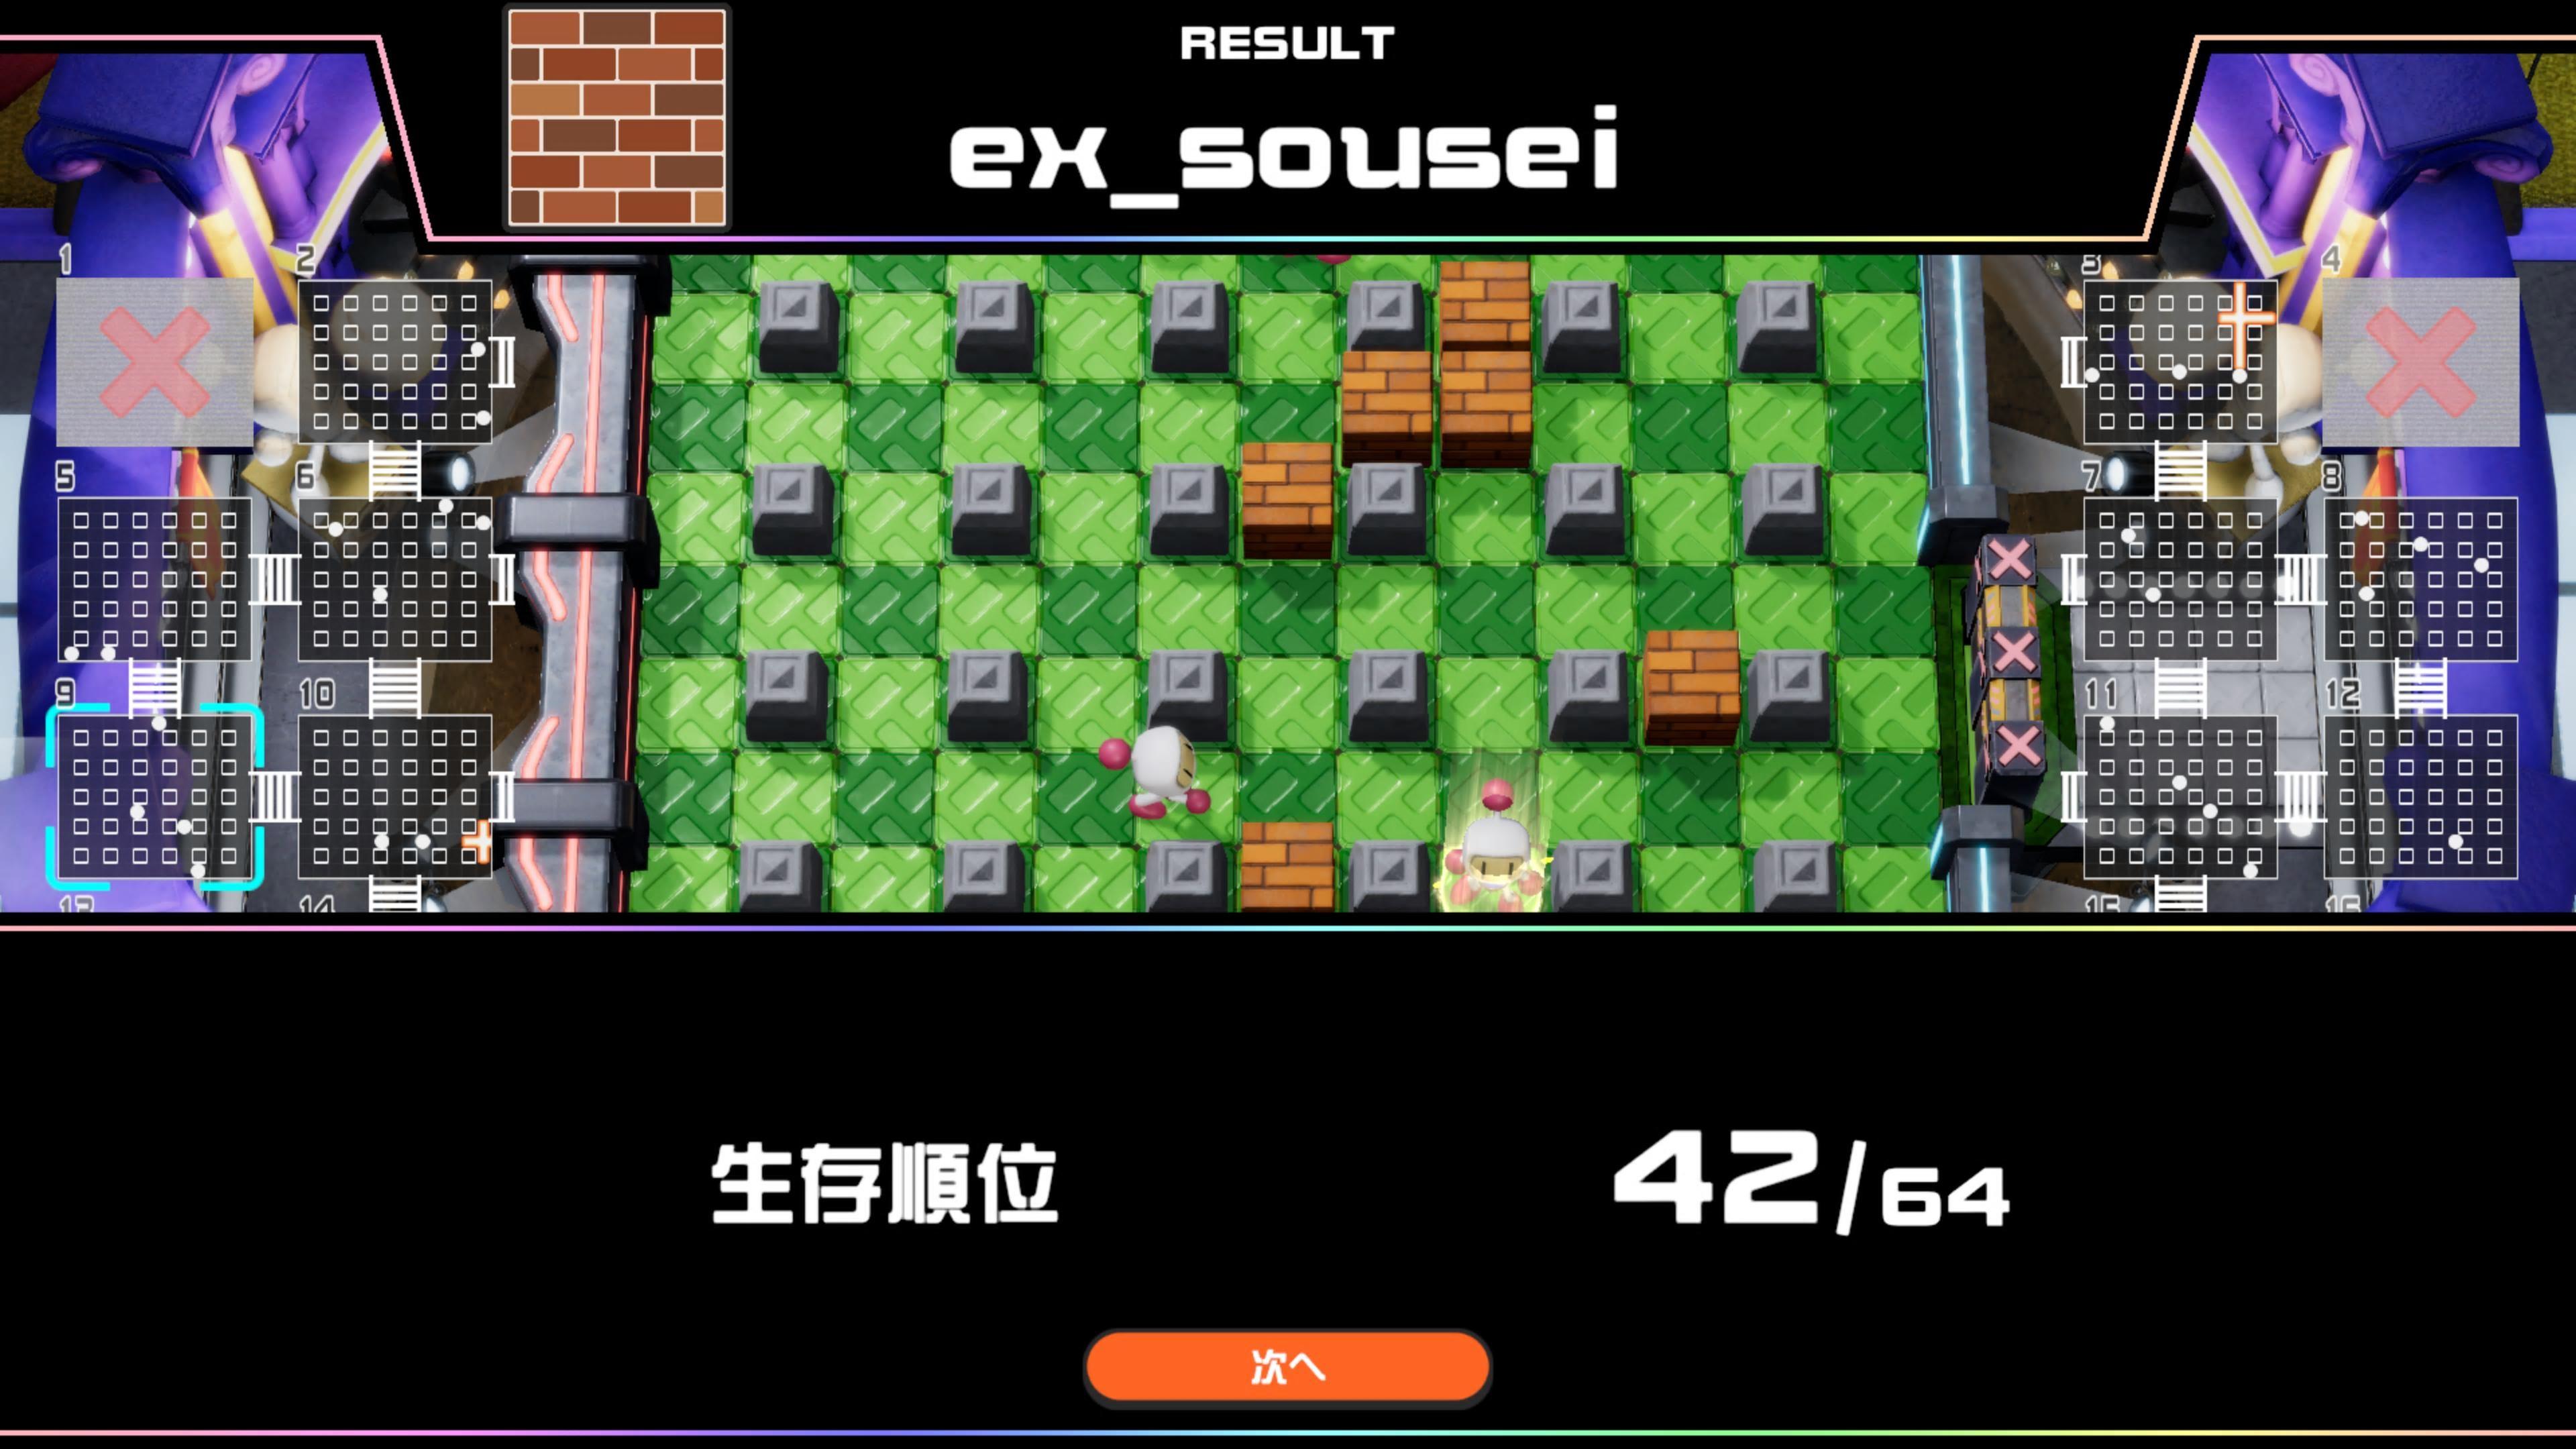 f:id:ex_sousei:20210527201431j:plain